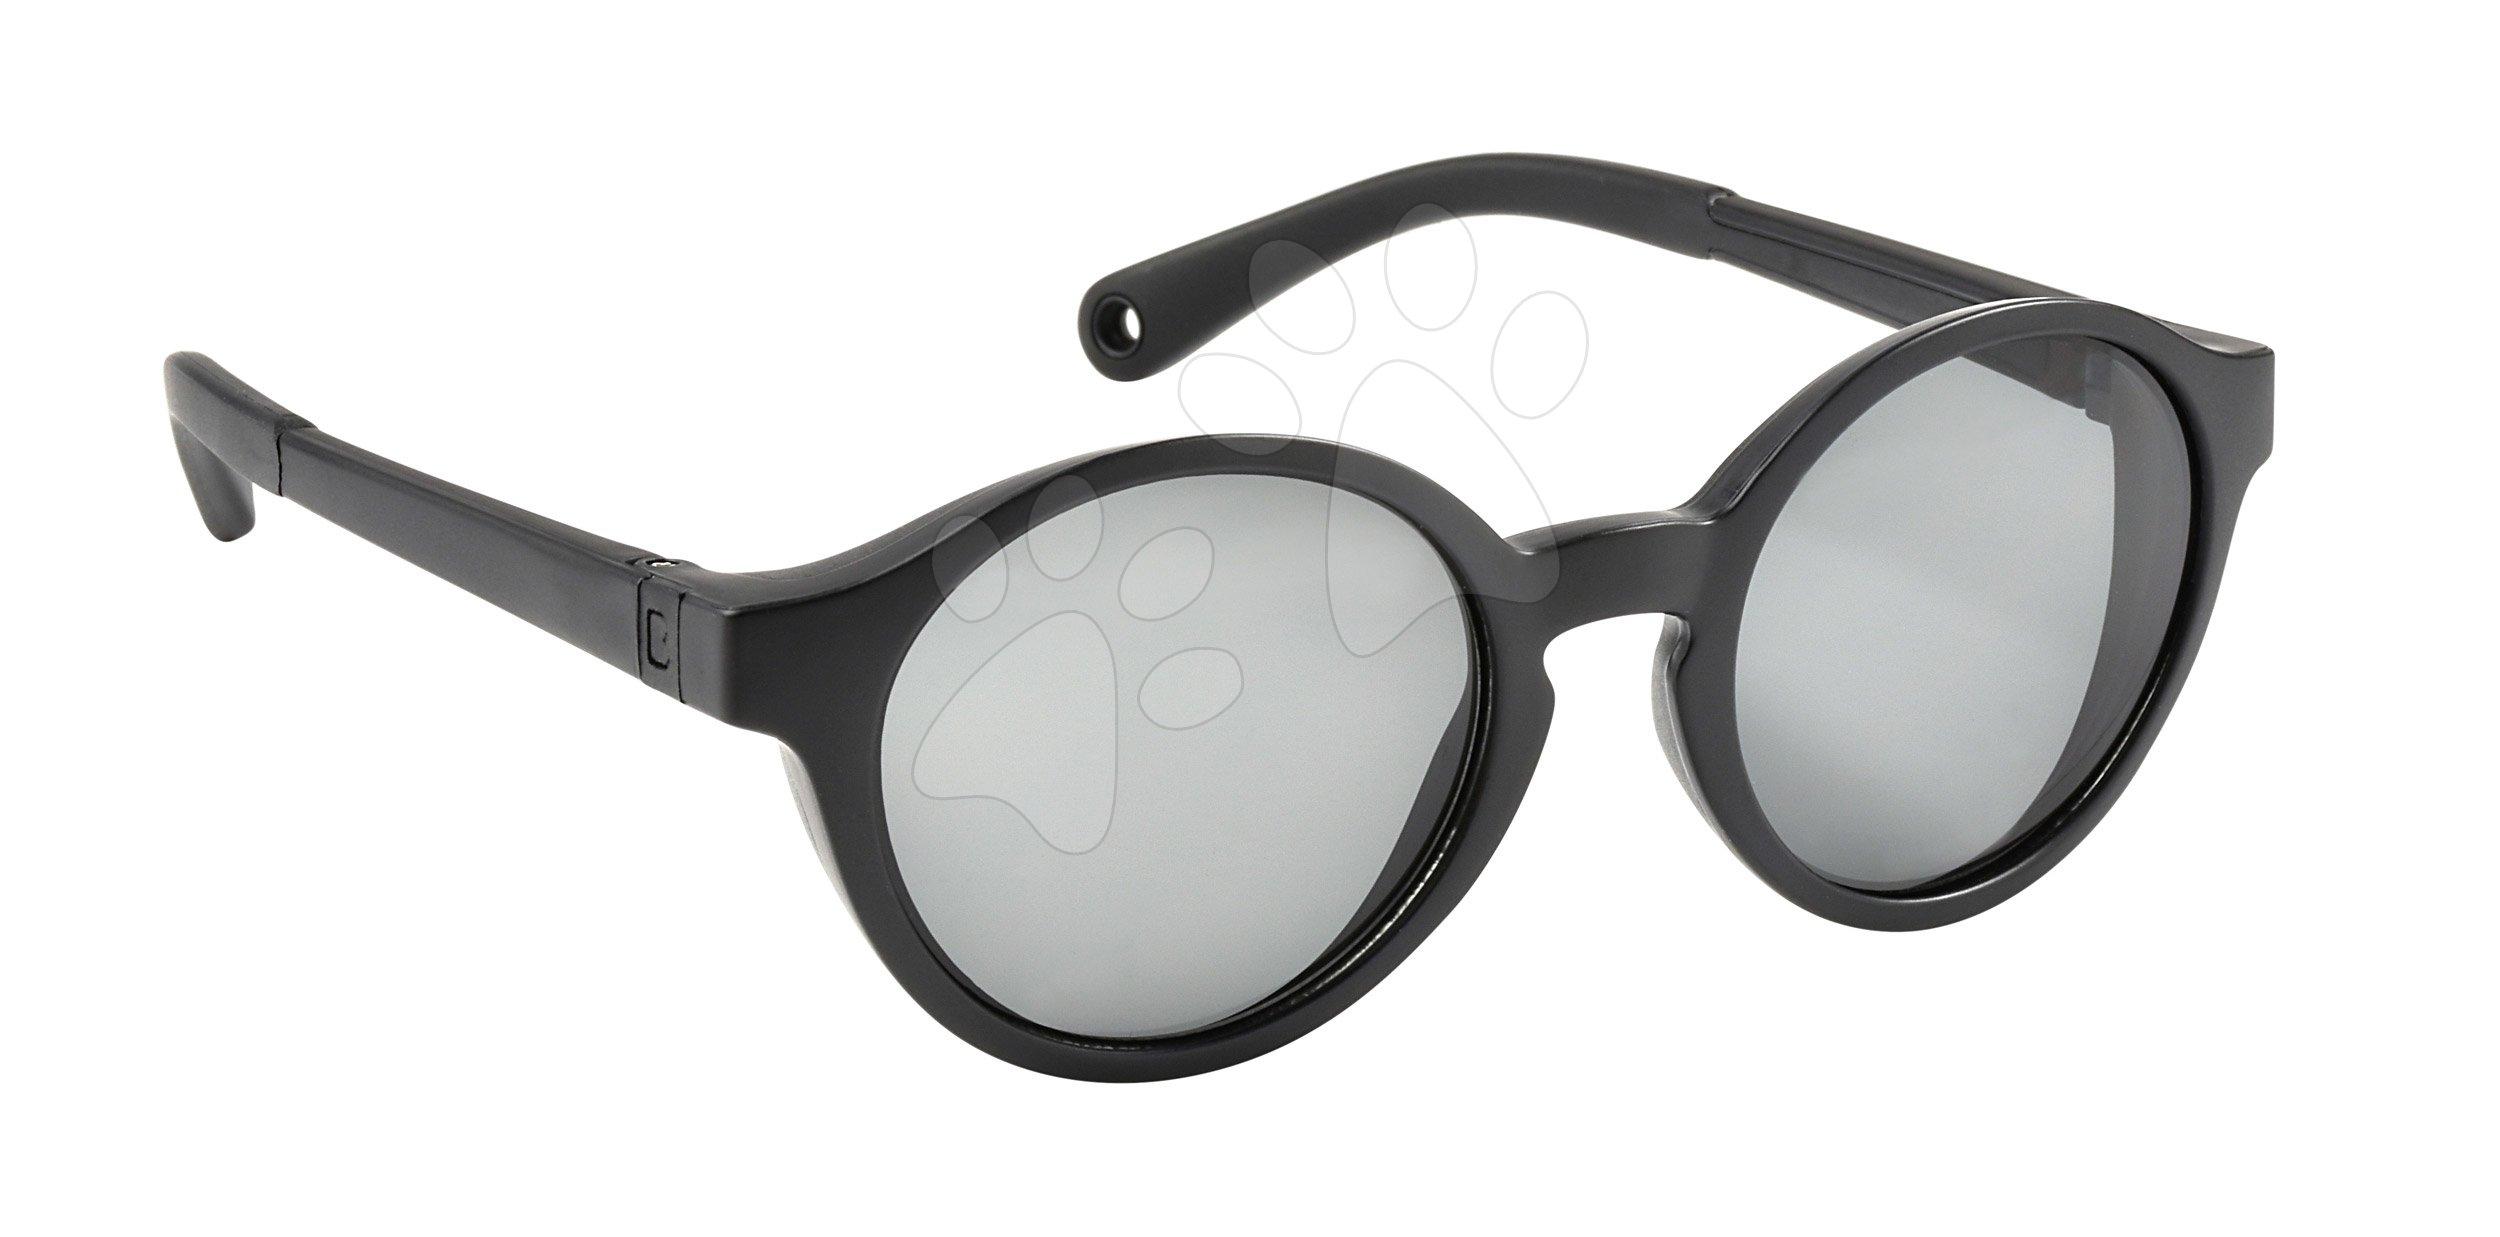 Sluneční brýle pro děti Beaba Baby M Black od 2-4 let černé